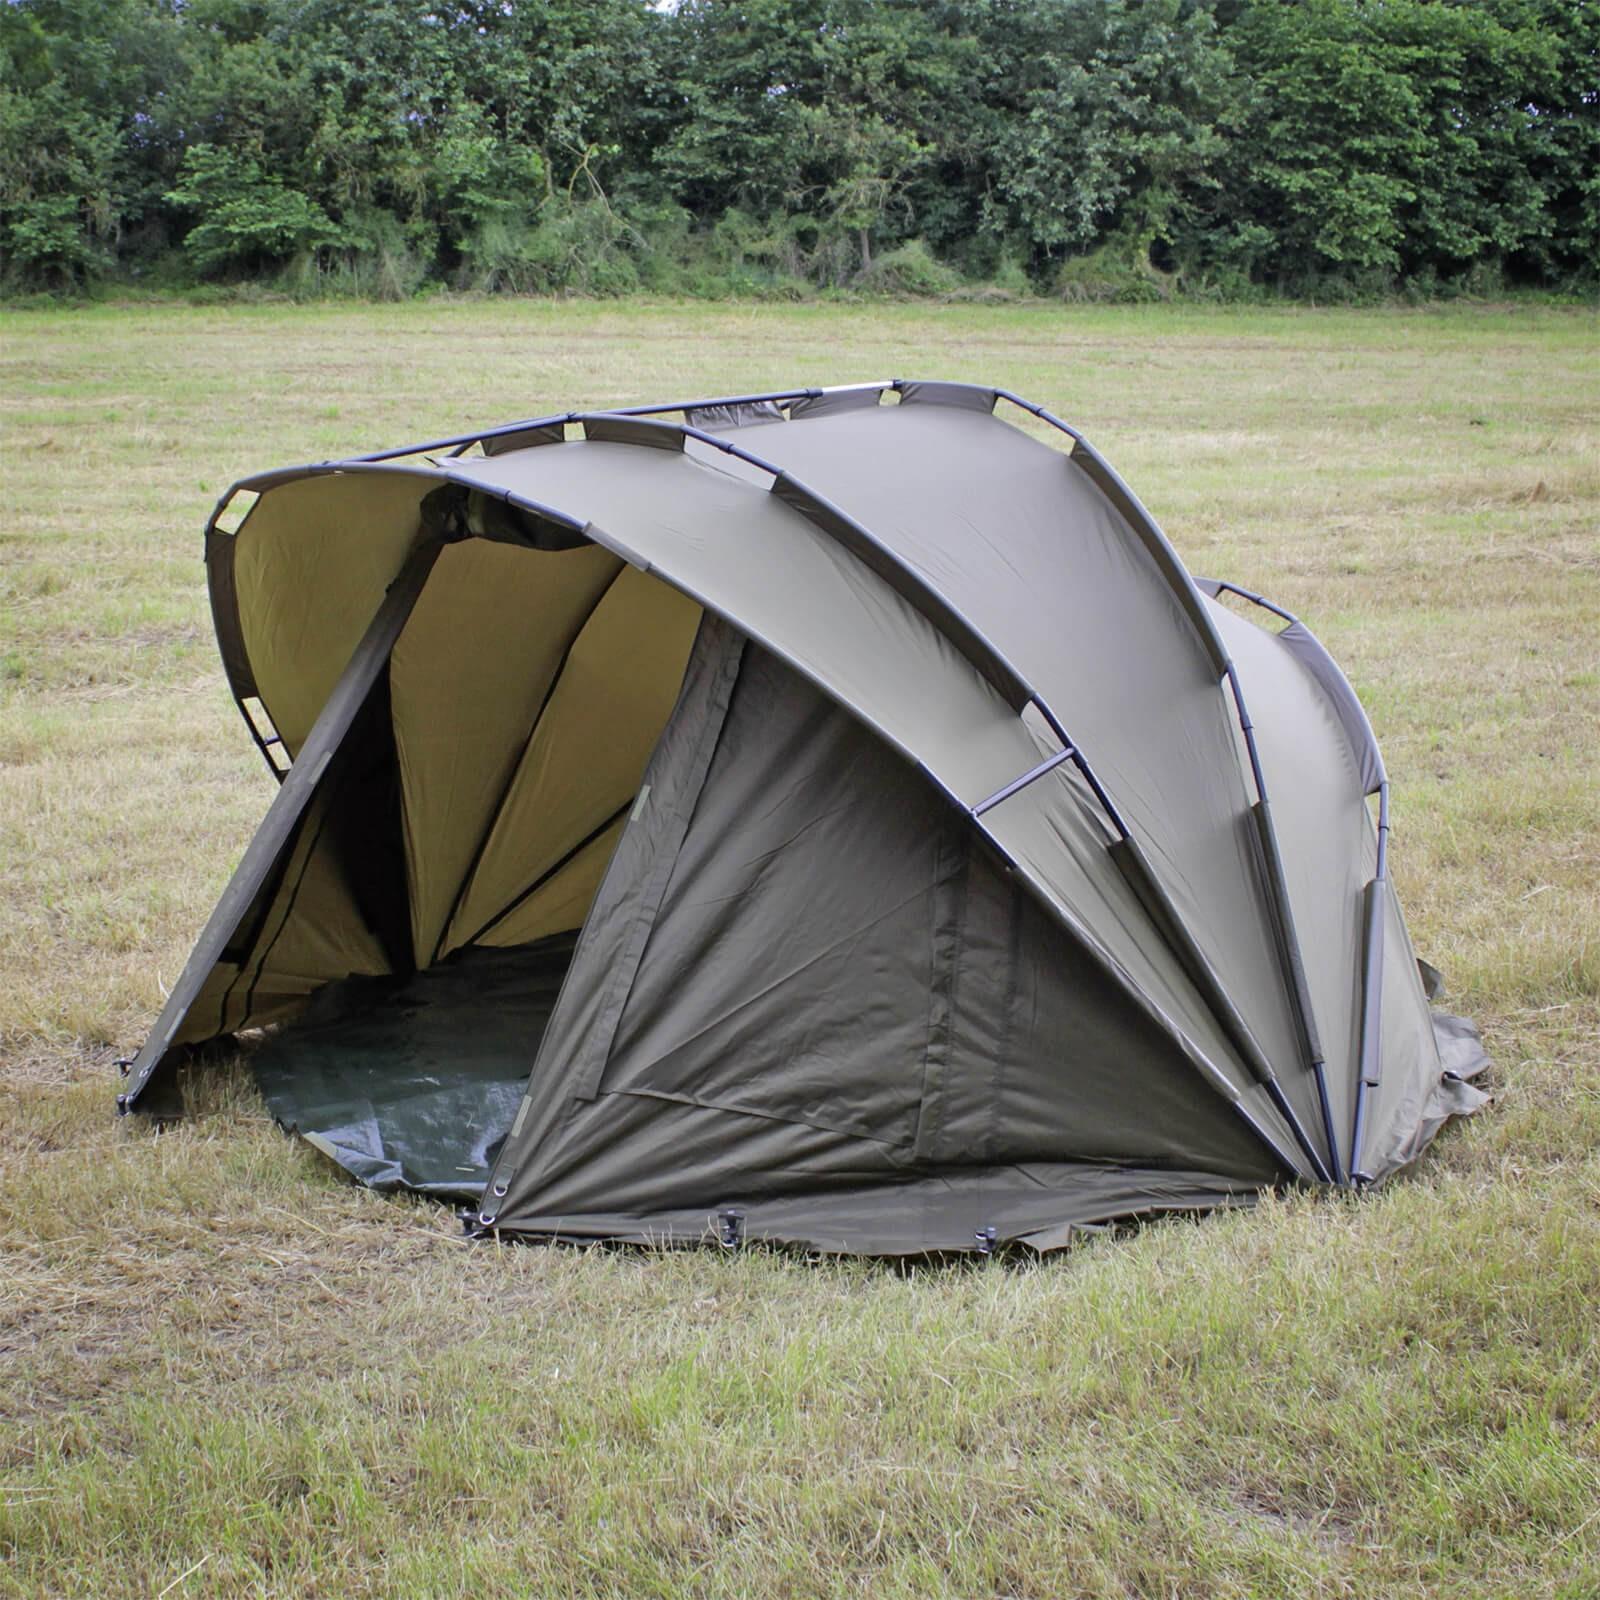 FIXKRAFT Karpfenzelt Angelzelt 2 Mann Bivvy Karpfen Angel Zelt Anglerzelt Campingzelt 780000